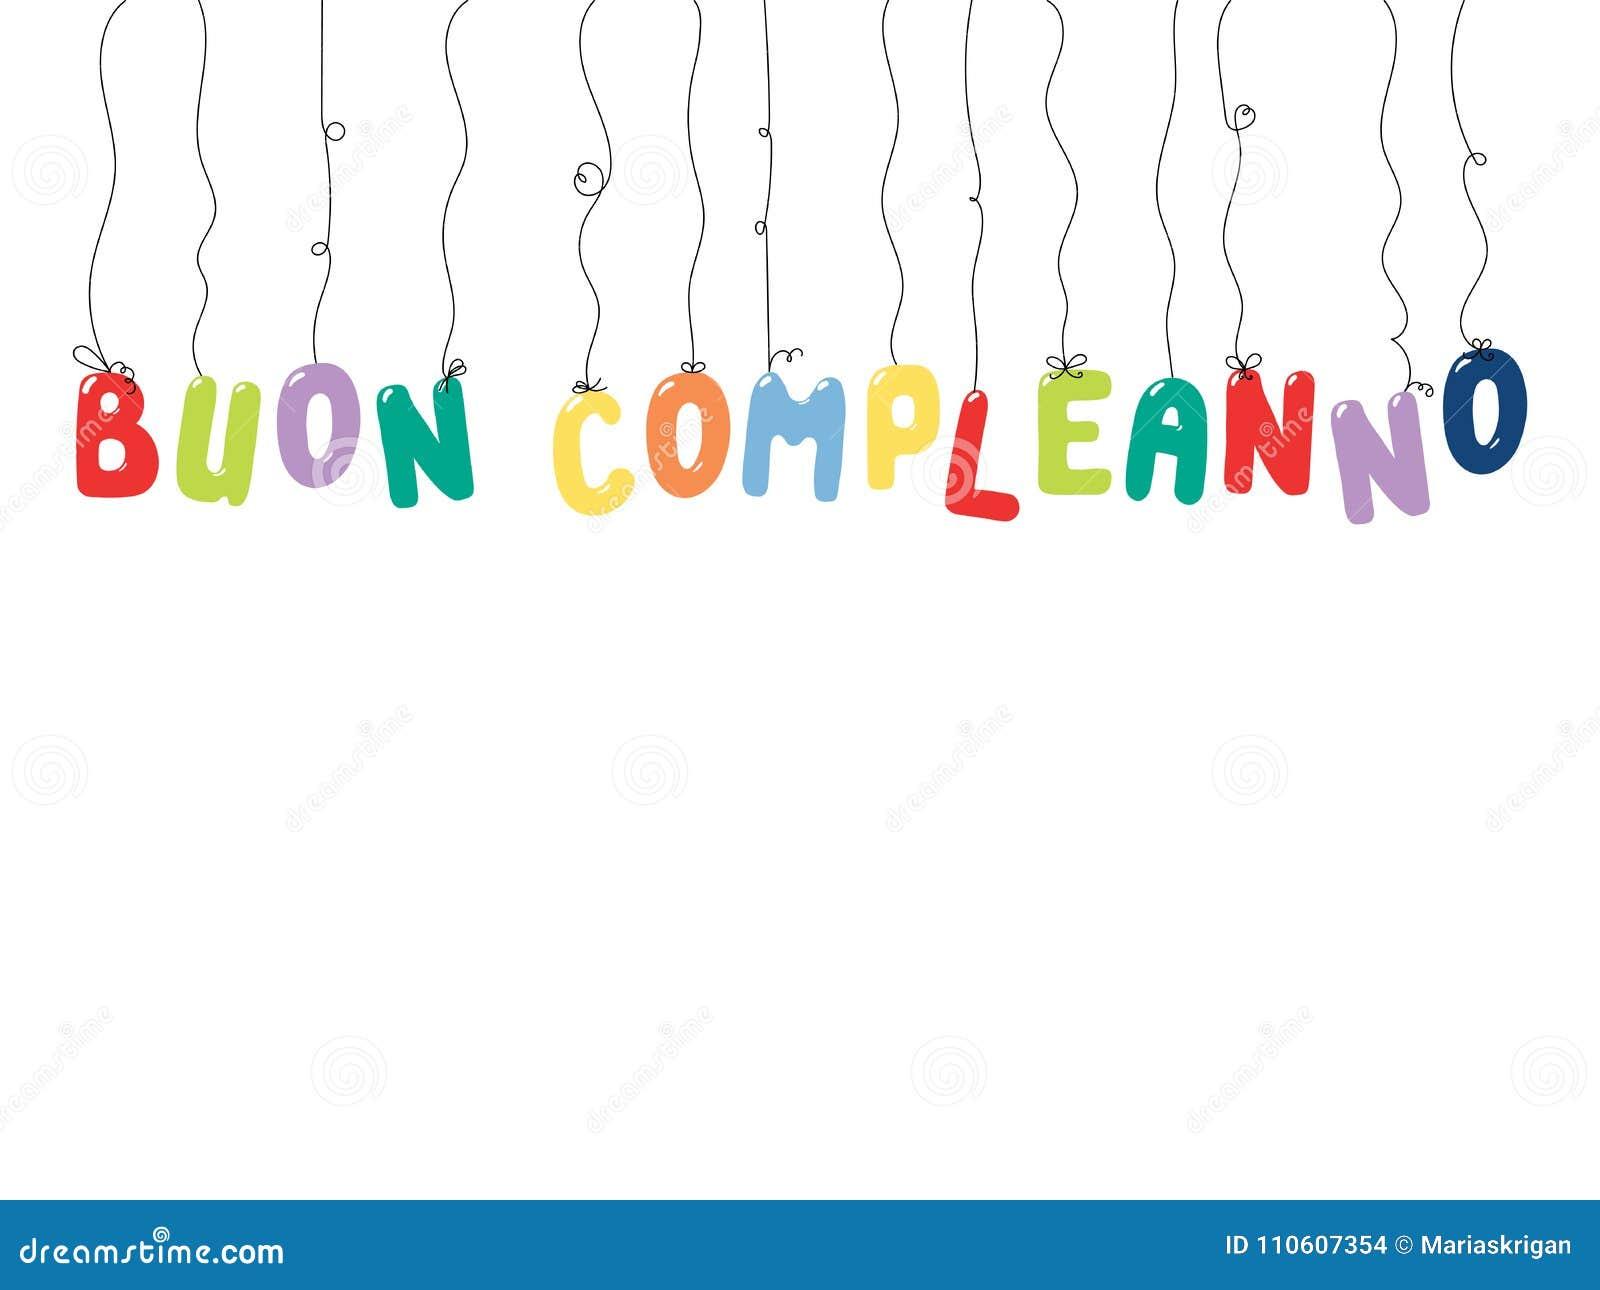 Citation Italienne De Joyeux Anniversaire Illustration De Vecteur